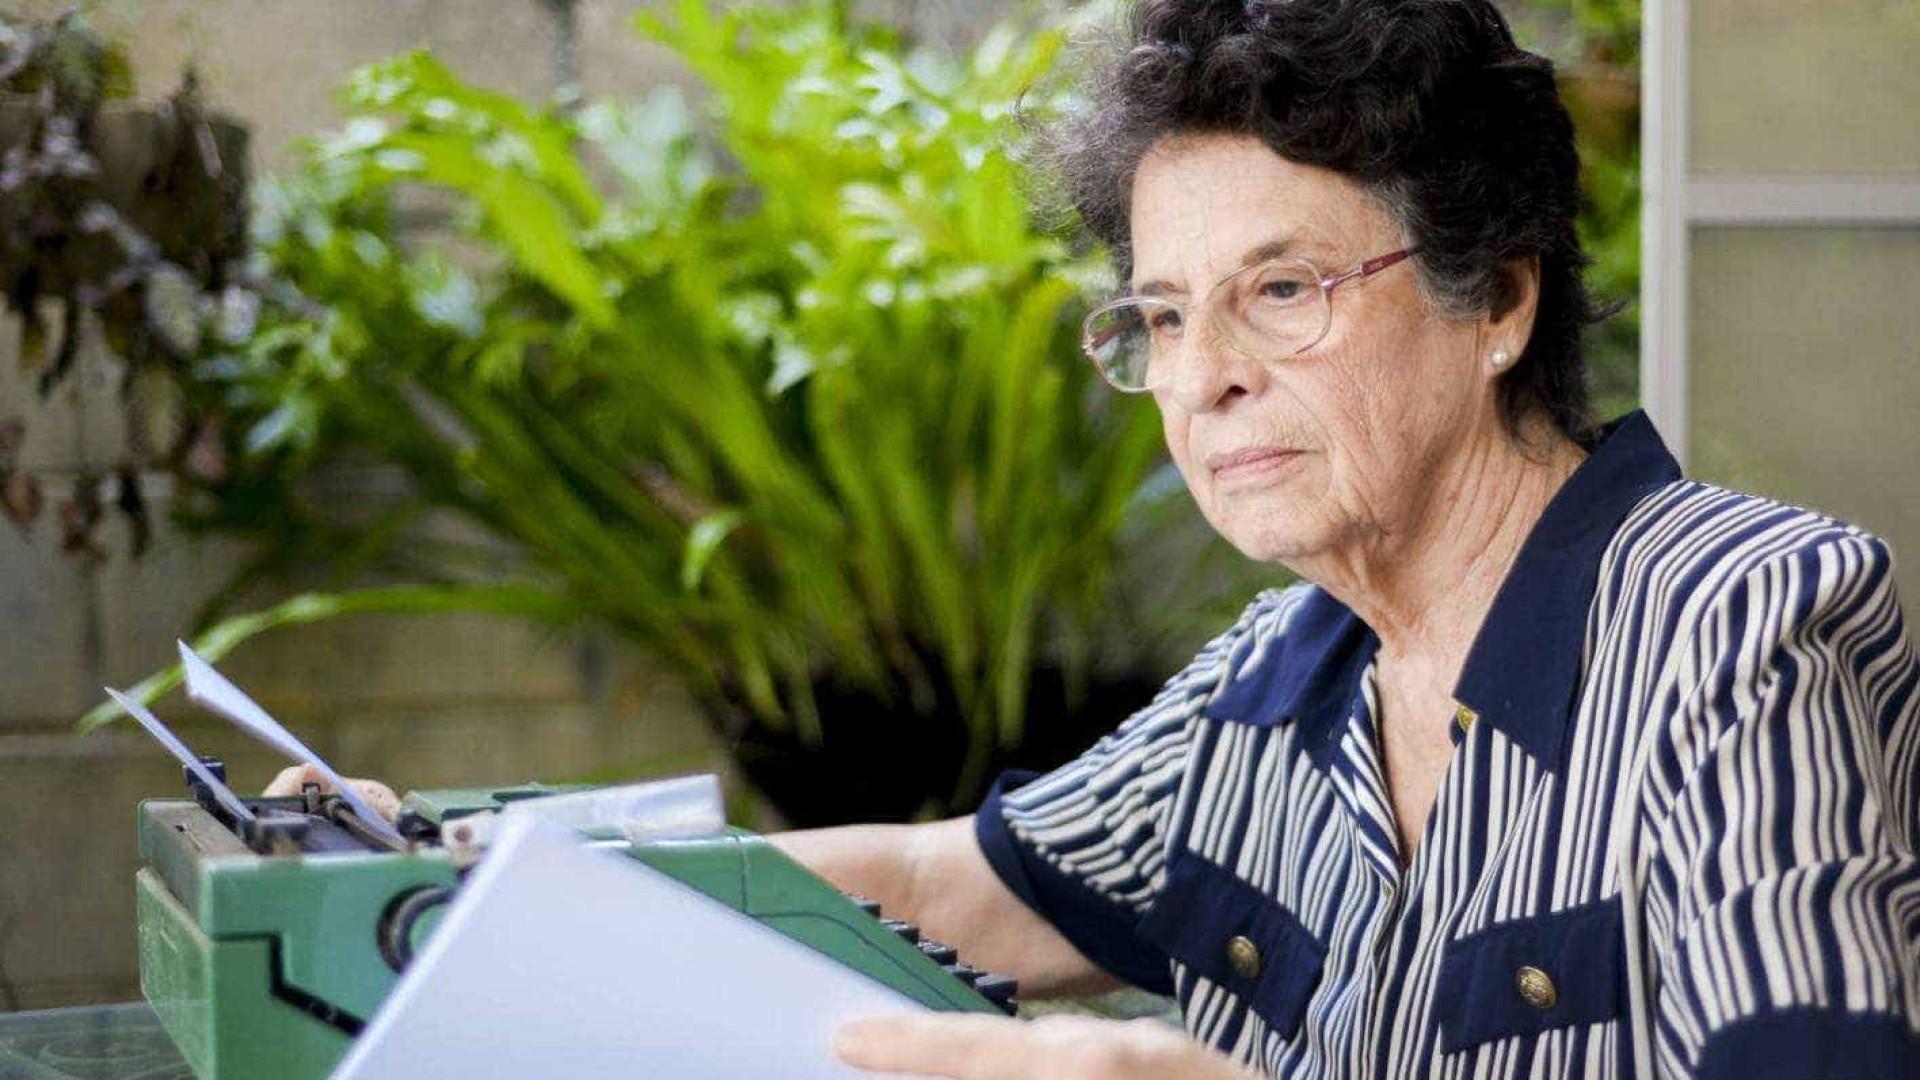 Vencedora do Jabuti, Maria Valéria Rezende lança livro de ficção